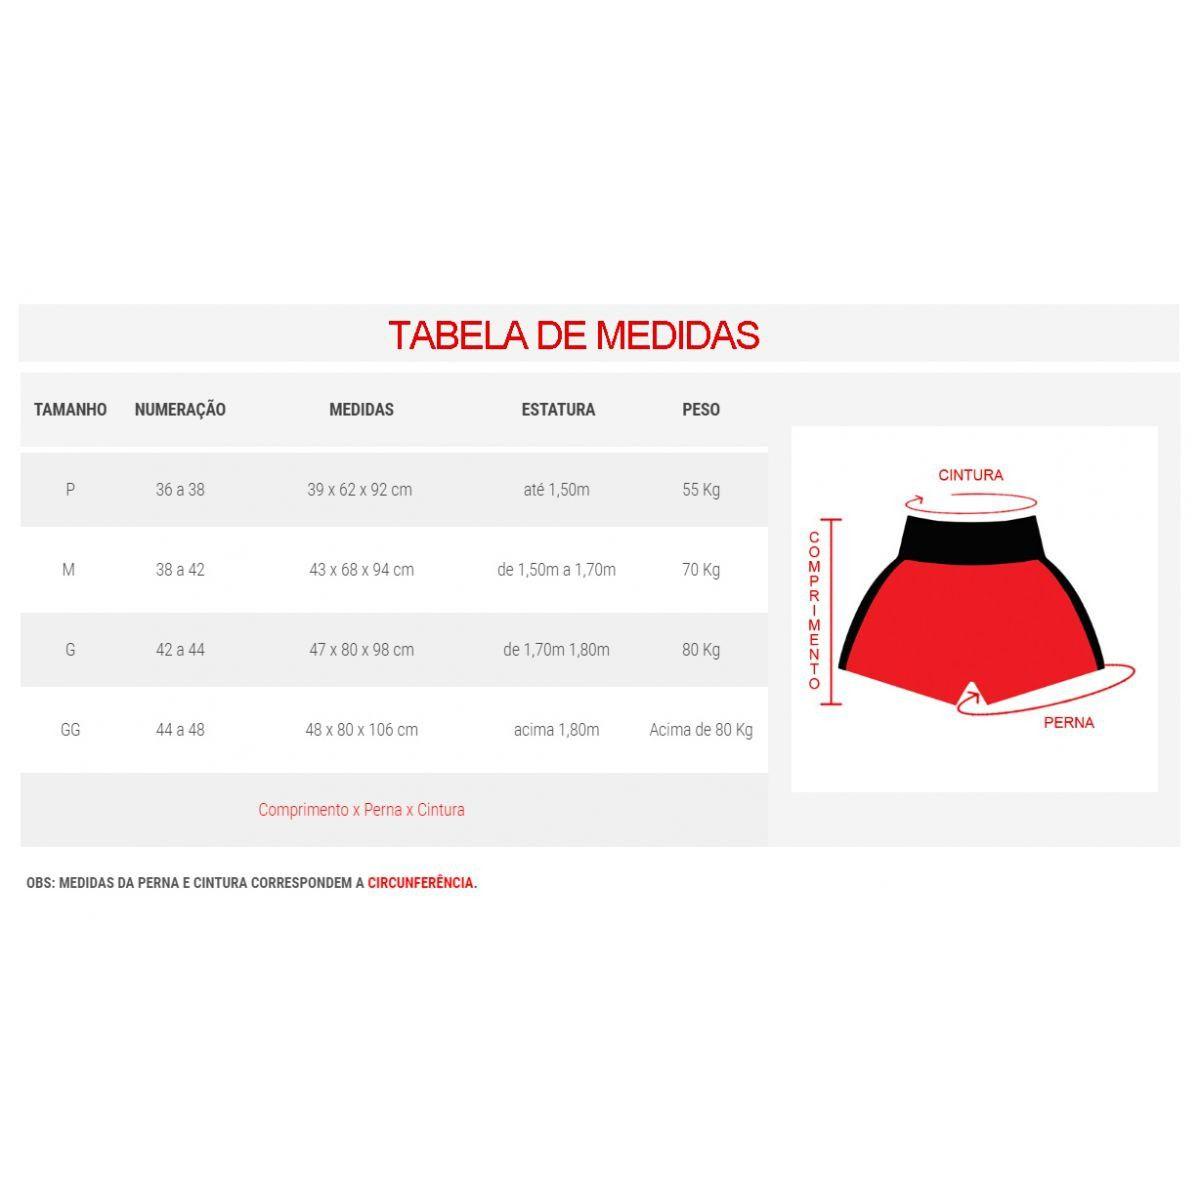 Calção / Short Kickboxing - Starfighter- Cavado - Preto/Vermelho - Toriuk .  - Loja do Competidor